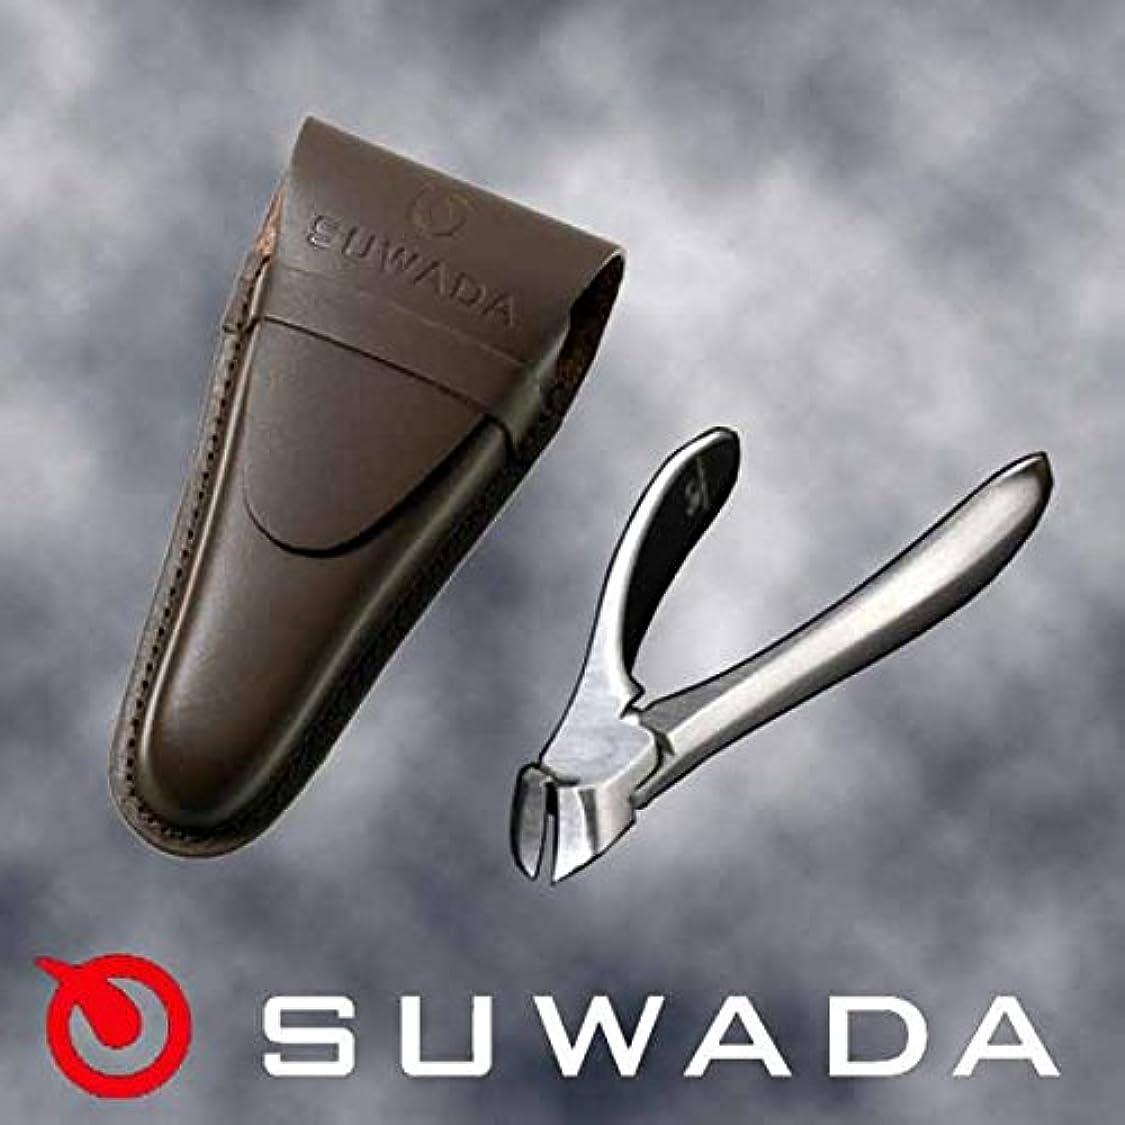 かすれたスリム飛躍SUWADA爪切りクラシックS&ブラウン(茶)革ケースセット 特注モデル 諏訪田製作所製 スワダの爪切り